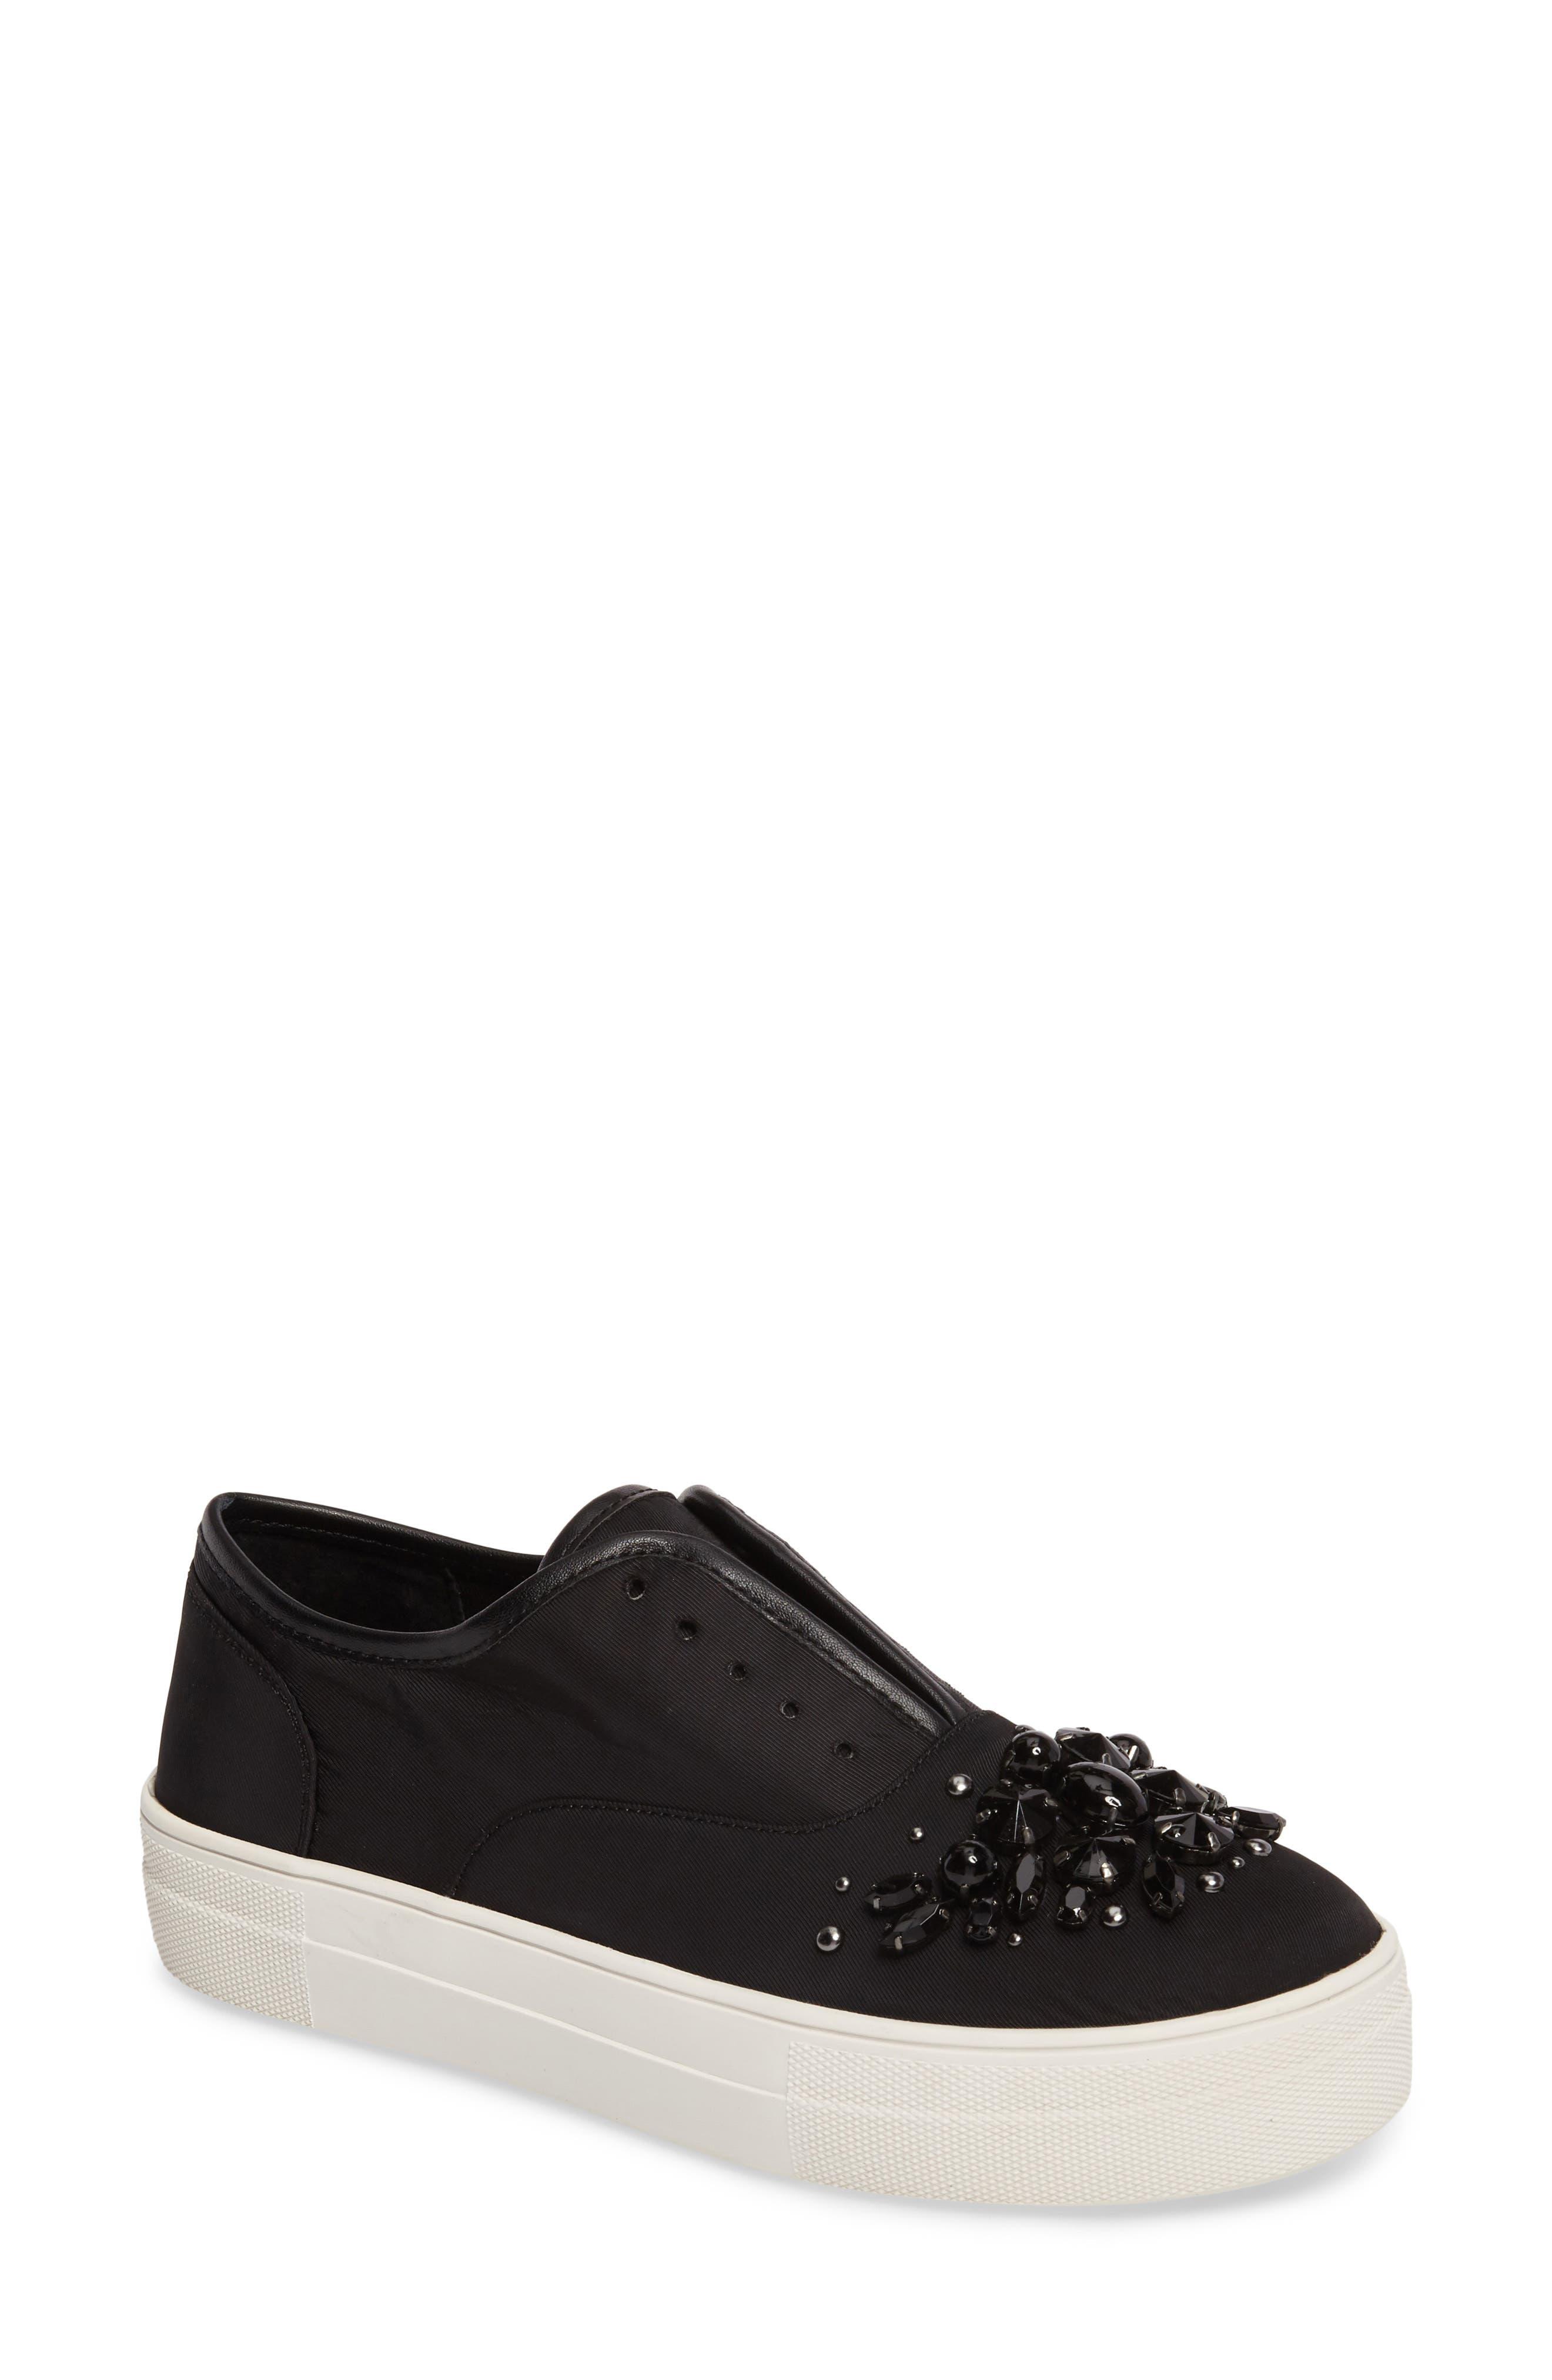 Passion Embellished Slip-On Platform Sneaker,                         Main,                         color, Black